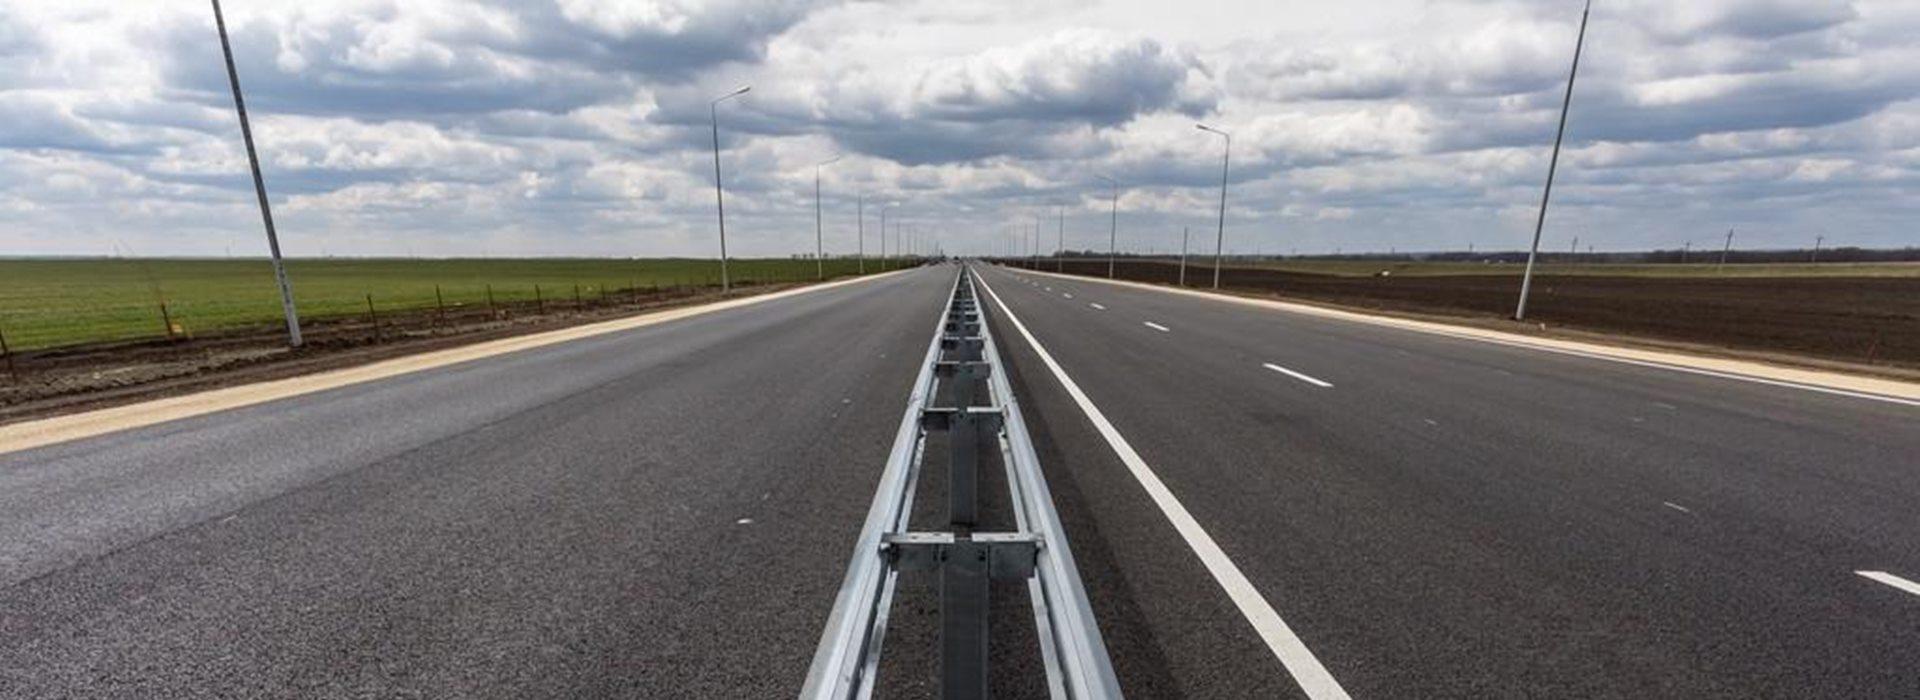 Управление состоянием дорог: общие требования и основные принципы